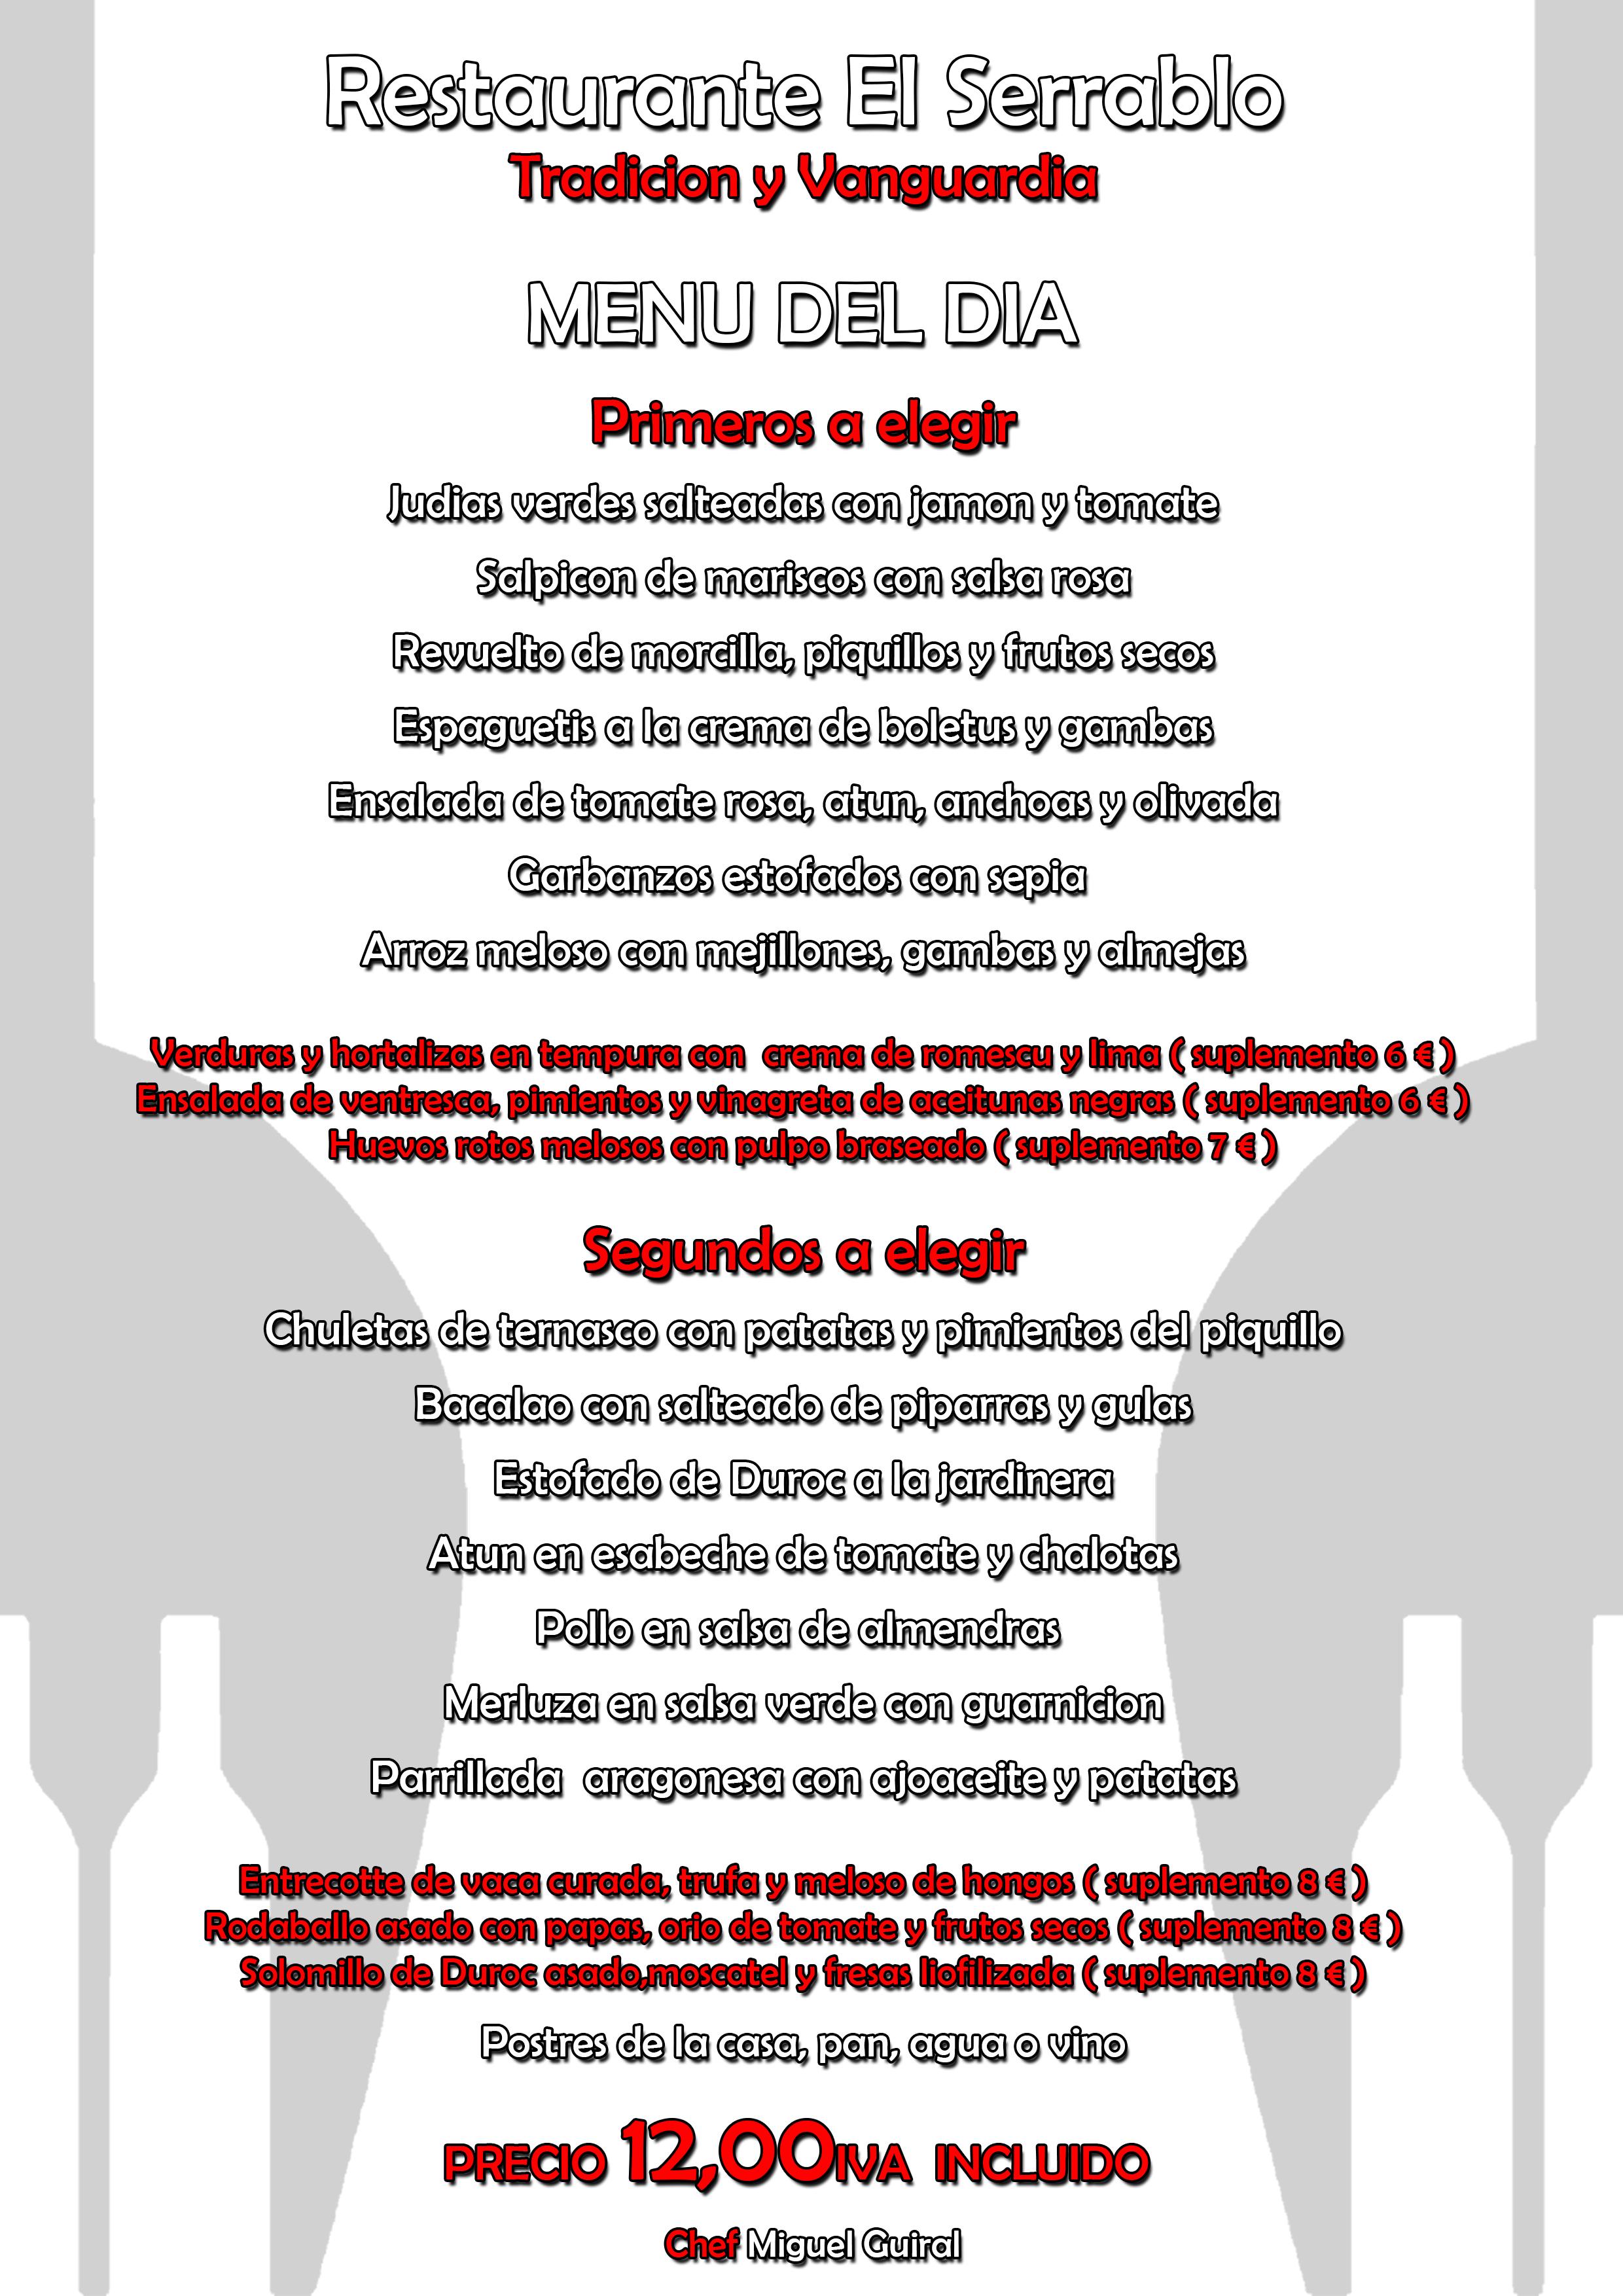 serrablo-menu-del-dia